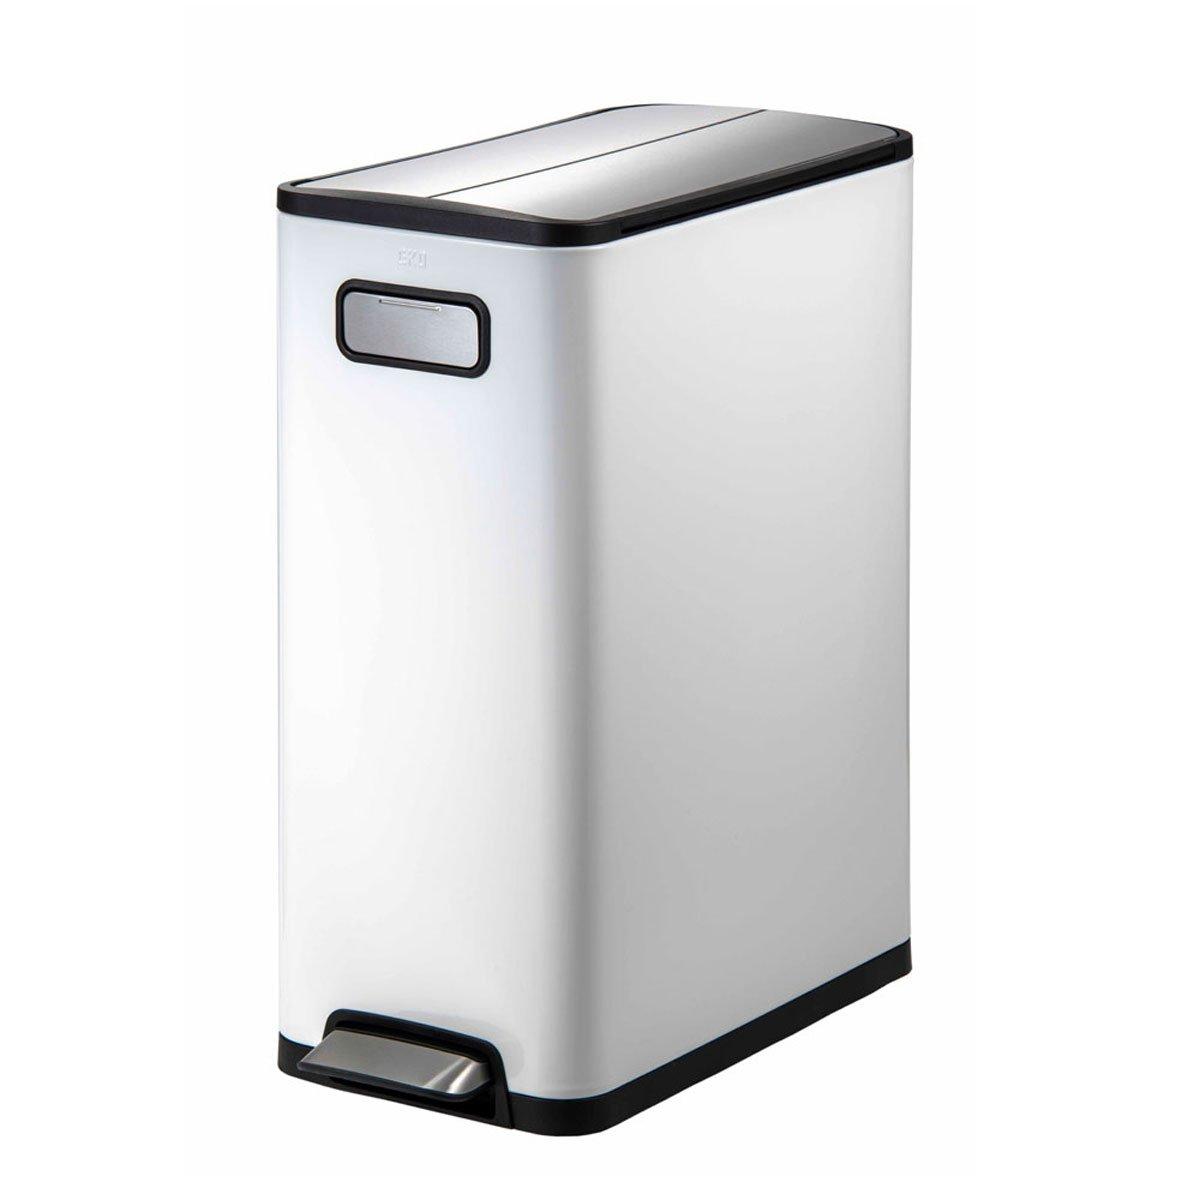 ゴミ箱 ごみ箱 分別 40リットル ふた付き おしゃれ EKO エコフライ ステップビン 20L+20L ホワイト EK9377MP B074L5YRRW